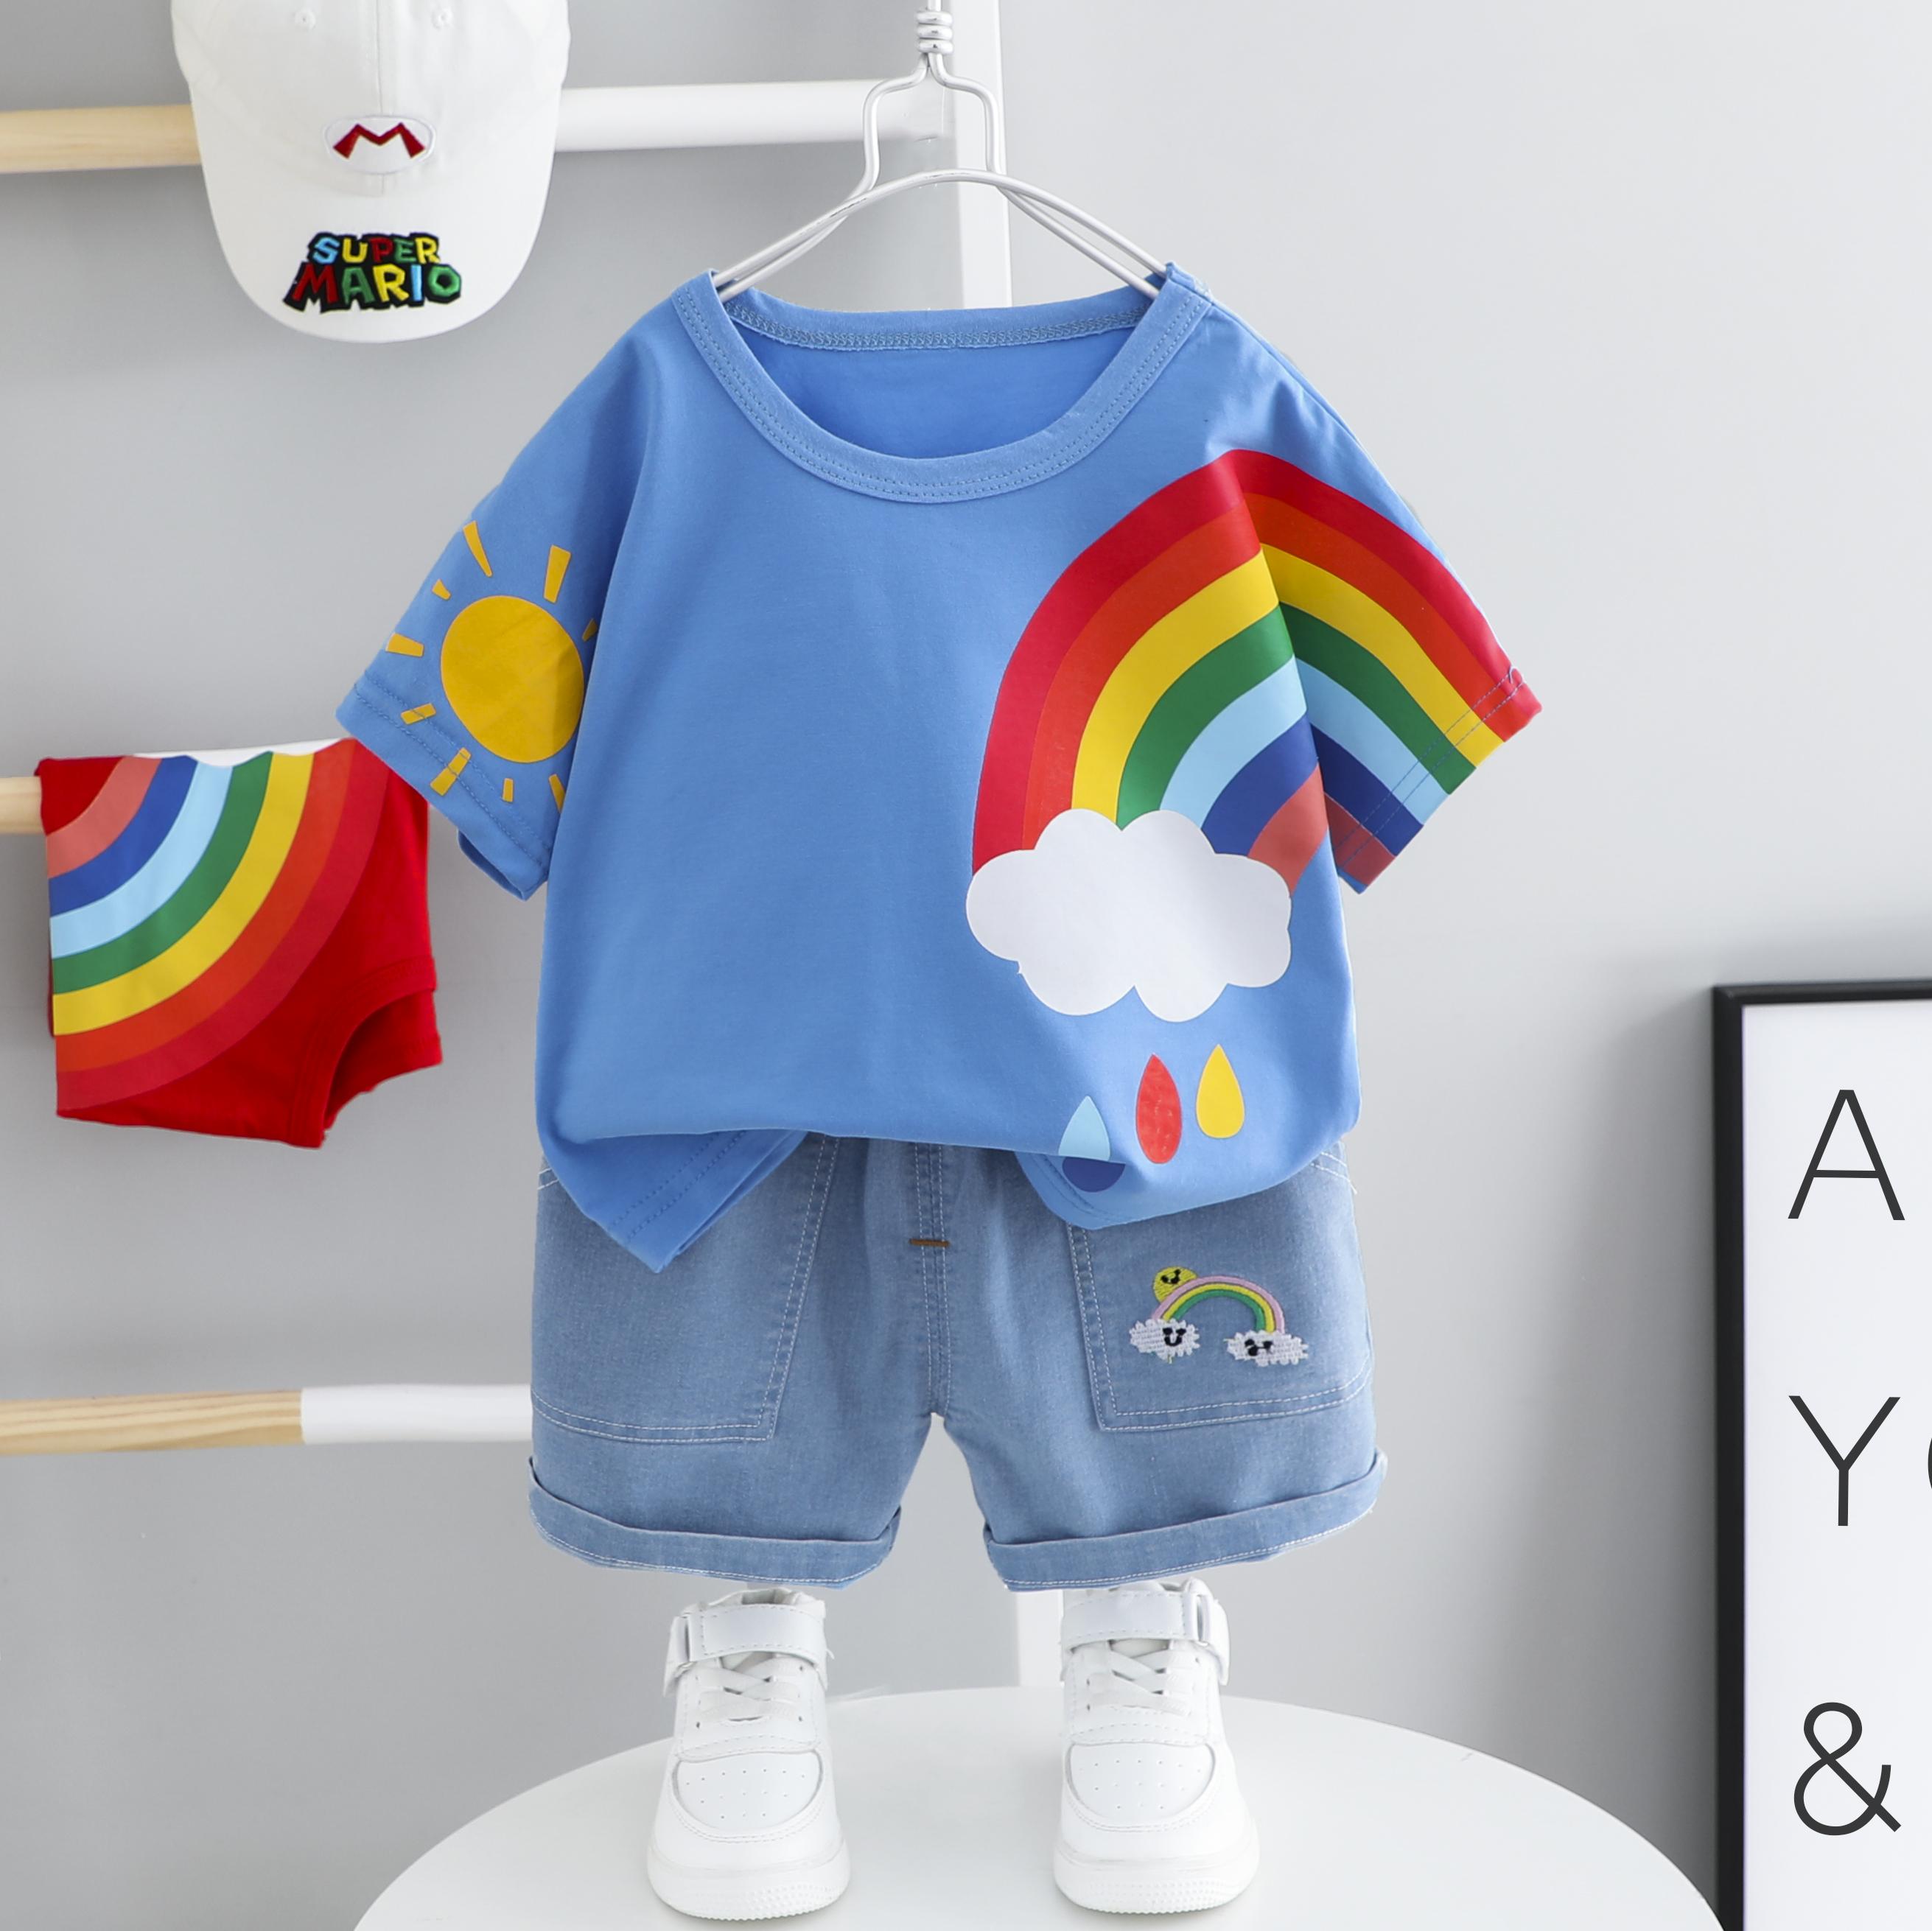 童装男童短袖套装夏装2021年新款洋气儿童T恤裤子夏季韩版女宝宝